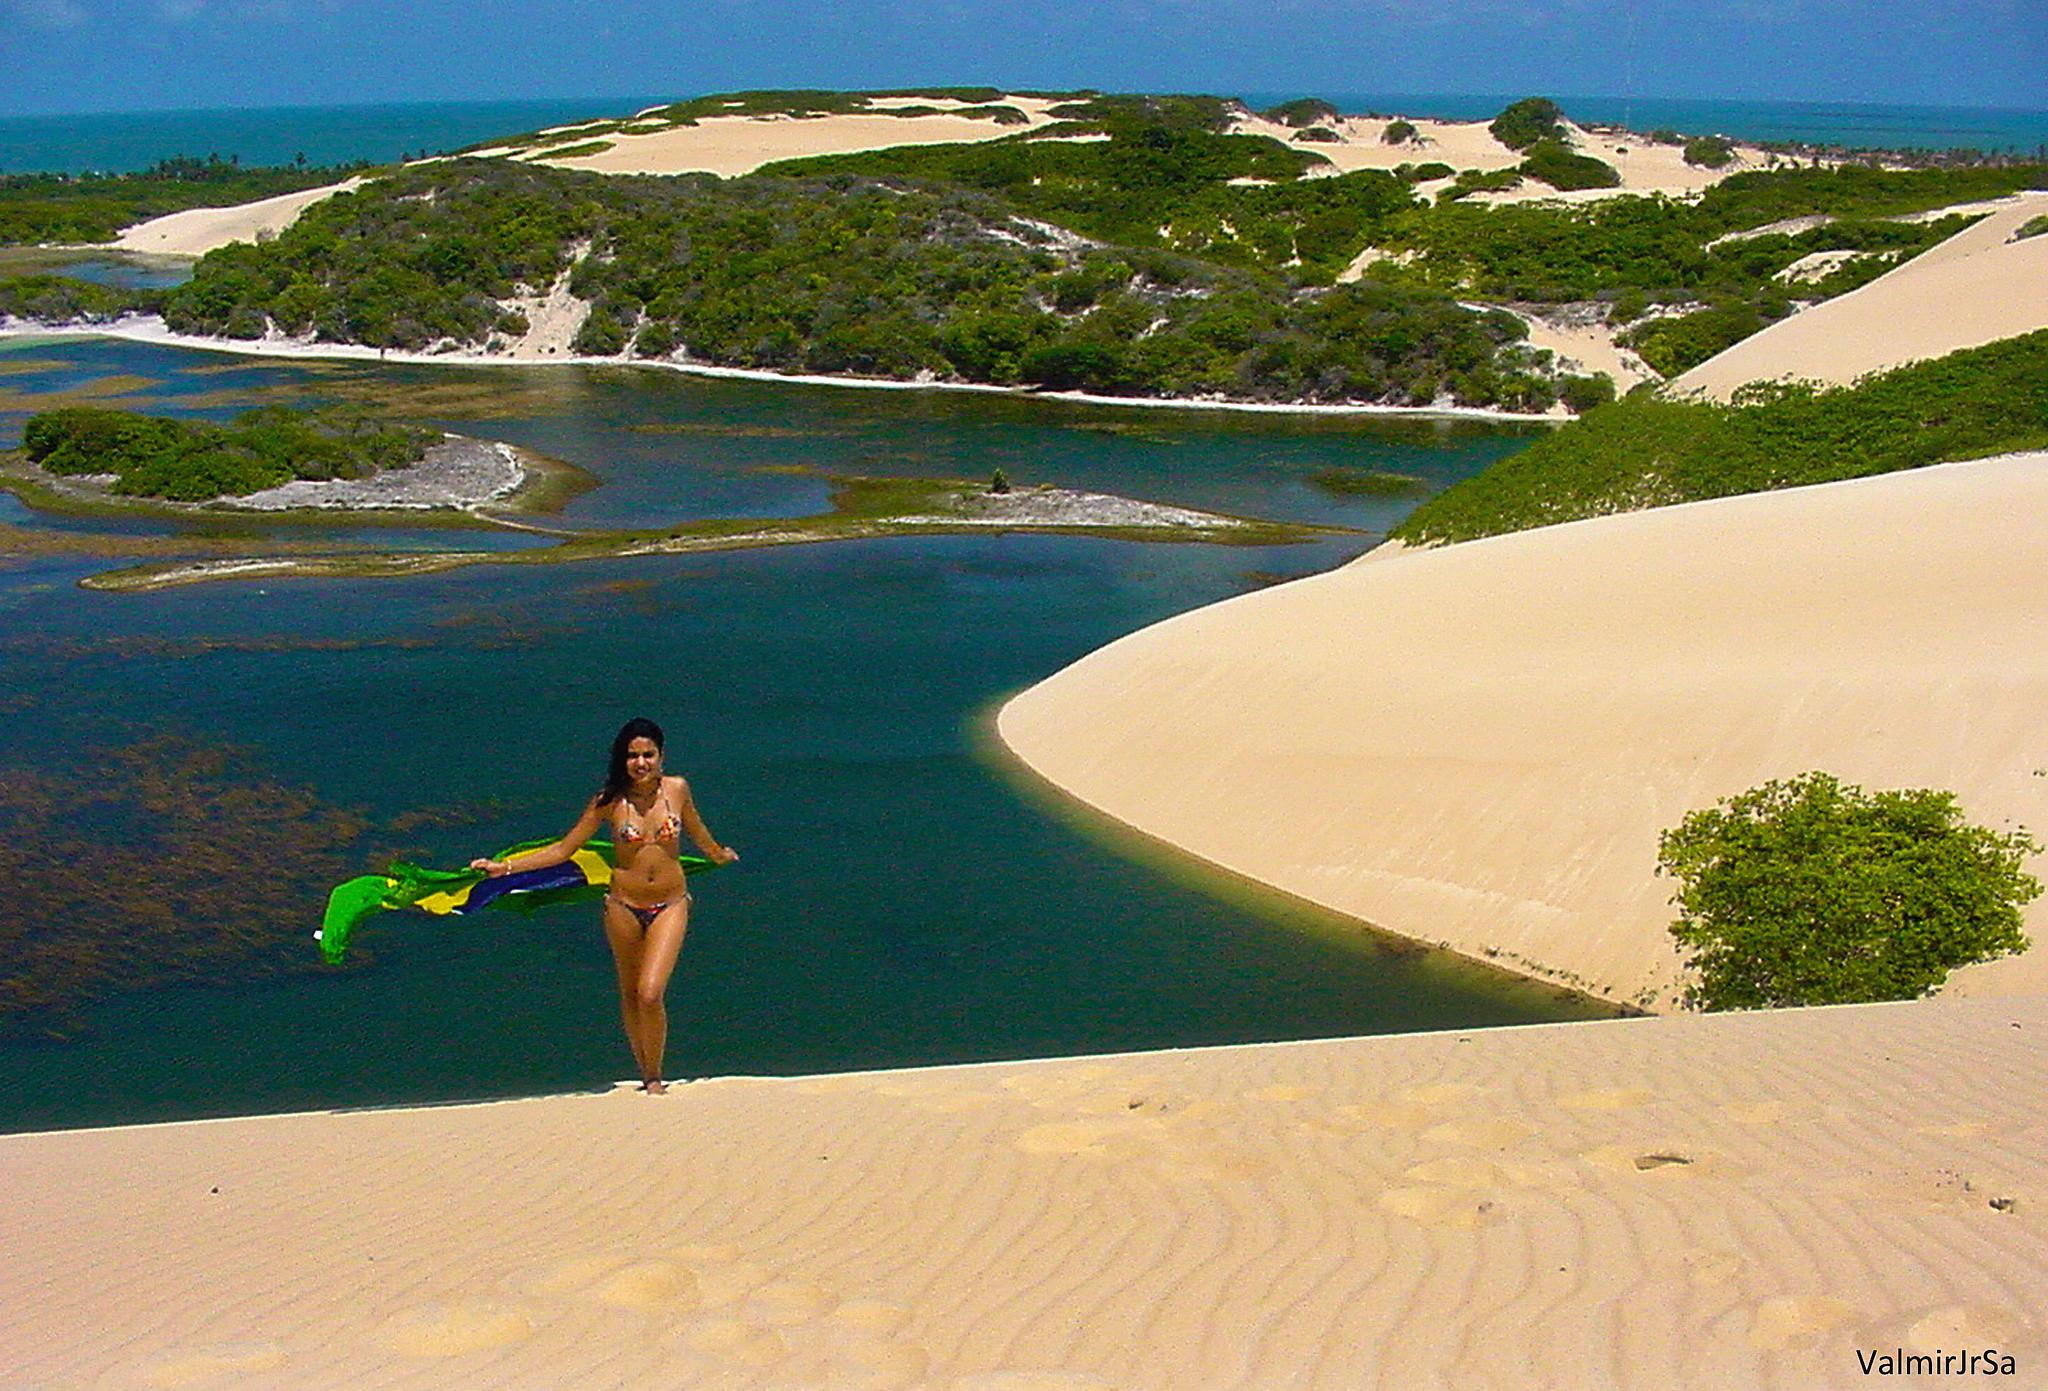 Lagoa e dunas - Lagoon and dunes by Valmir Junior Sá